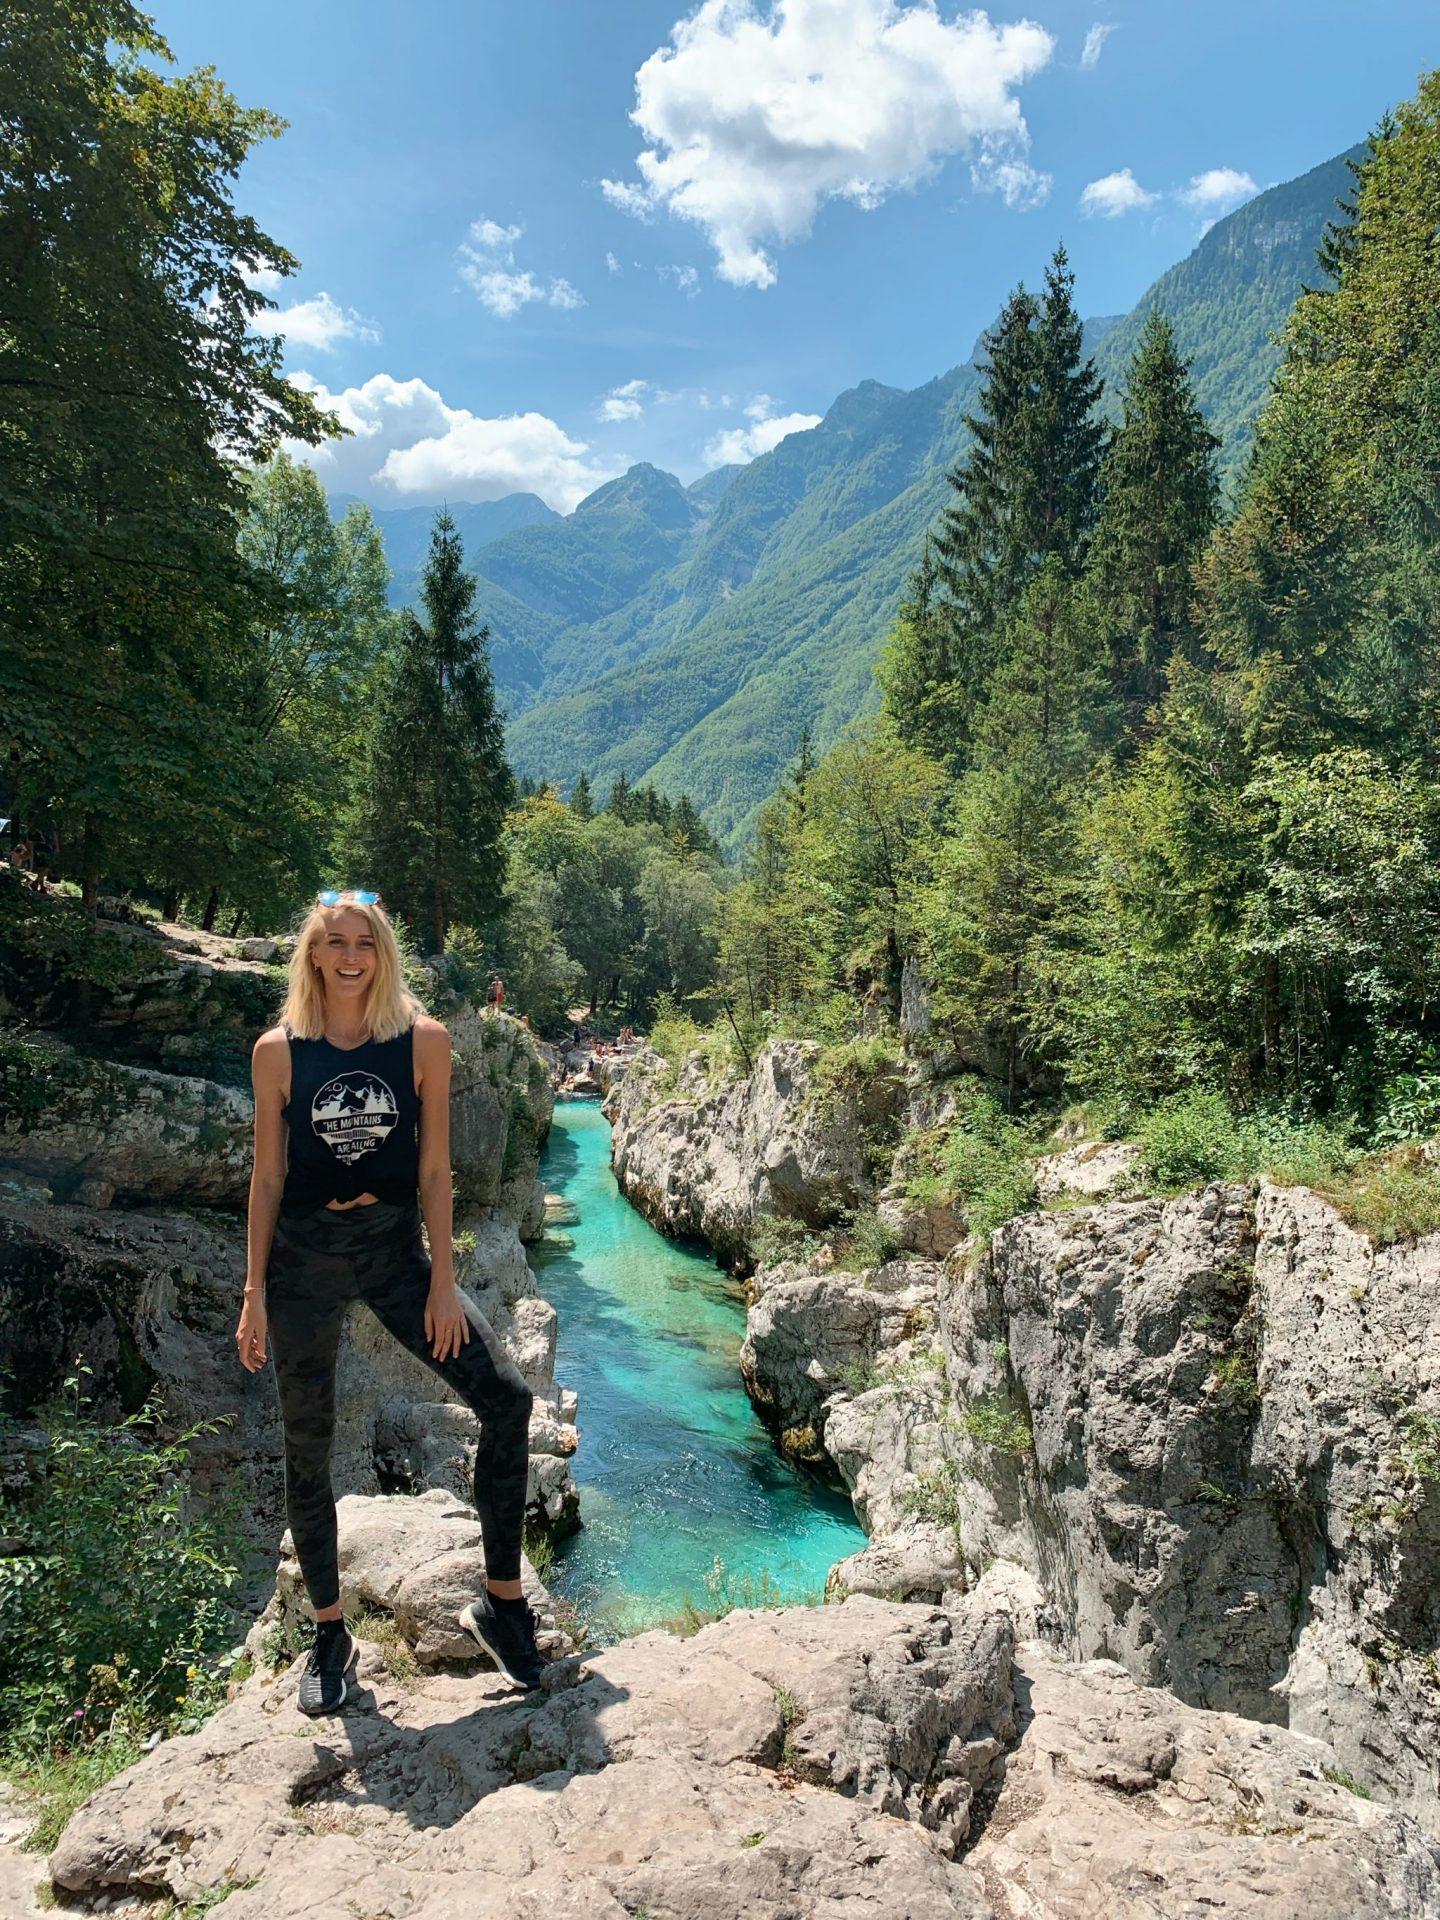 Slovenia Road Trip Itinerary